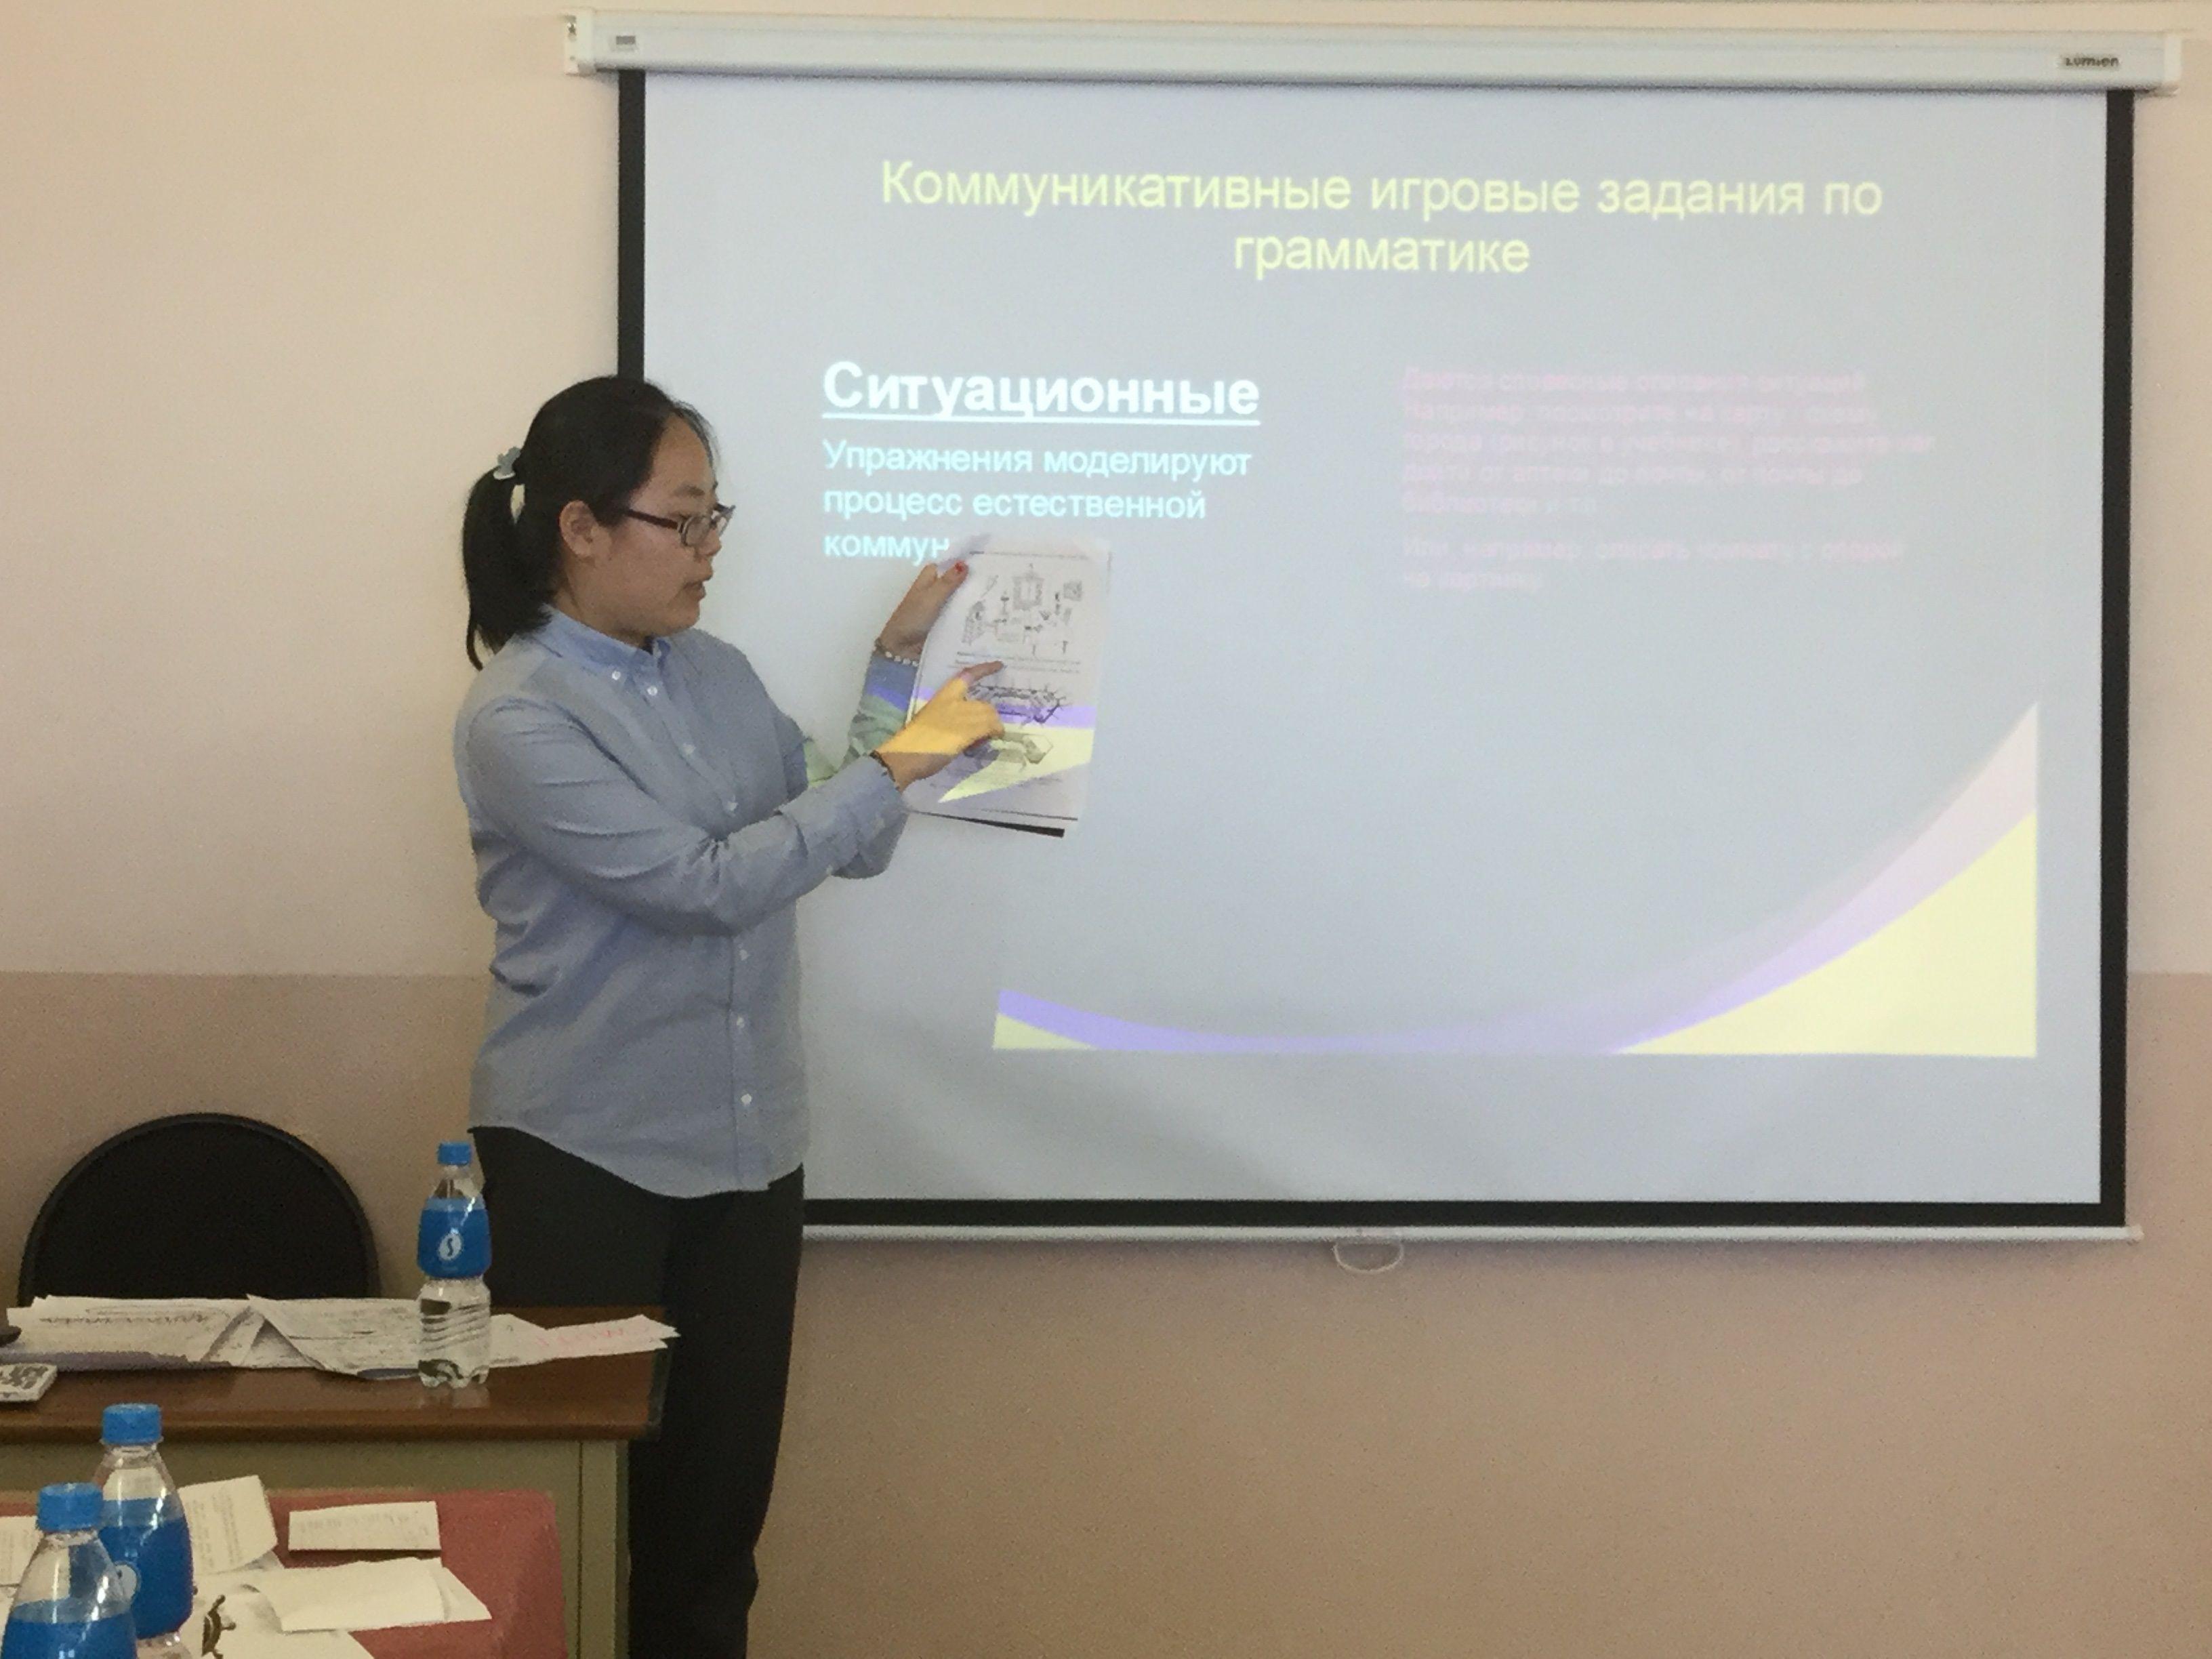 Мир русского языка - в исследованиях китайских студентов